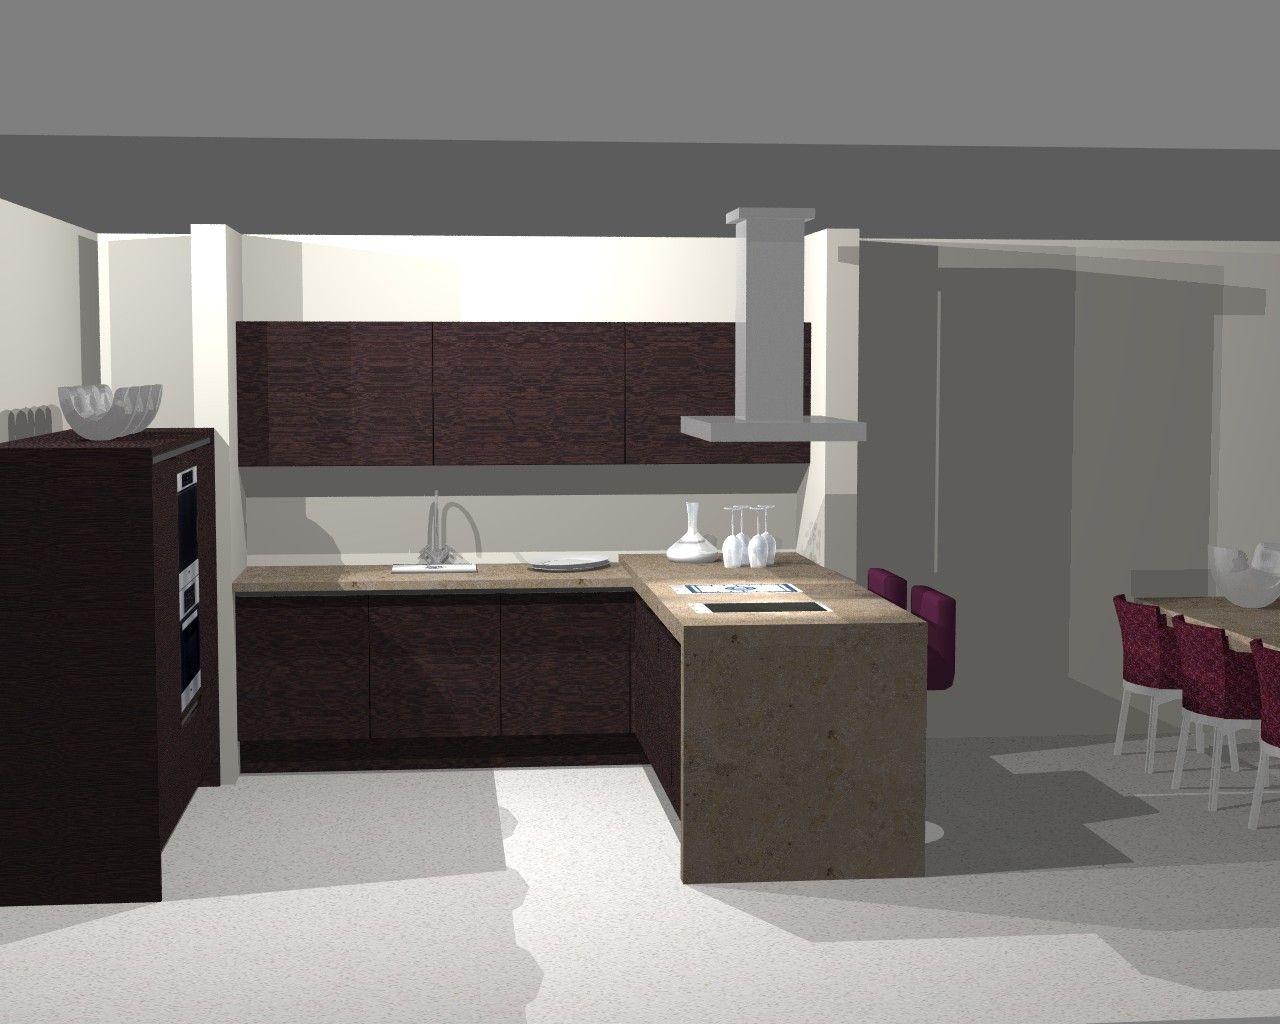 Losse Voorraadkast Keuken : keukens voor zeer lage keuken prijzen SieMatic SL 505 [23636